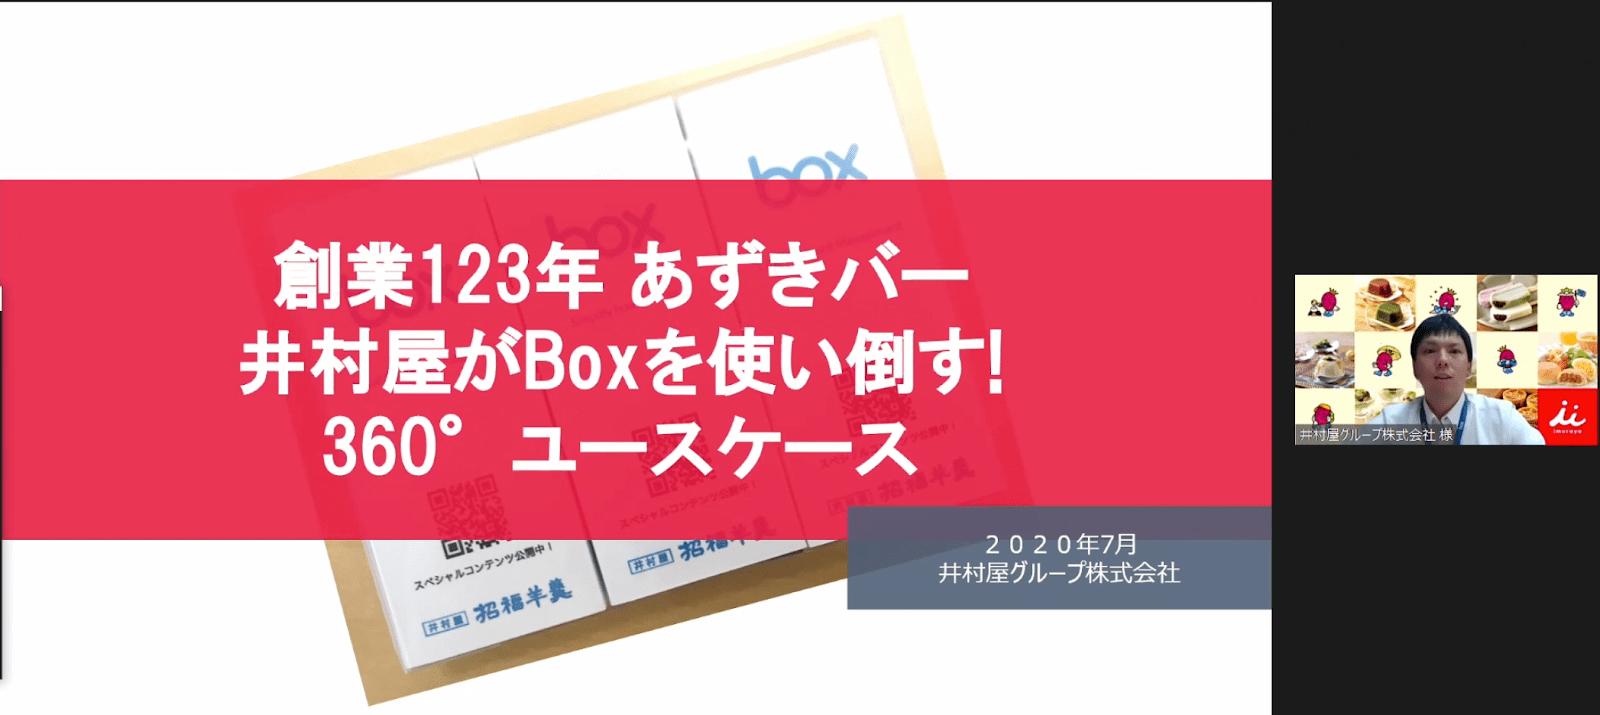 創業123年あずきバー井村屋がBoxを使い倒す! 360°ユースケース井村屋グループ株式会社